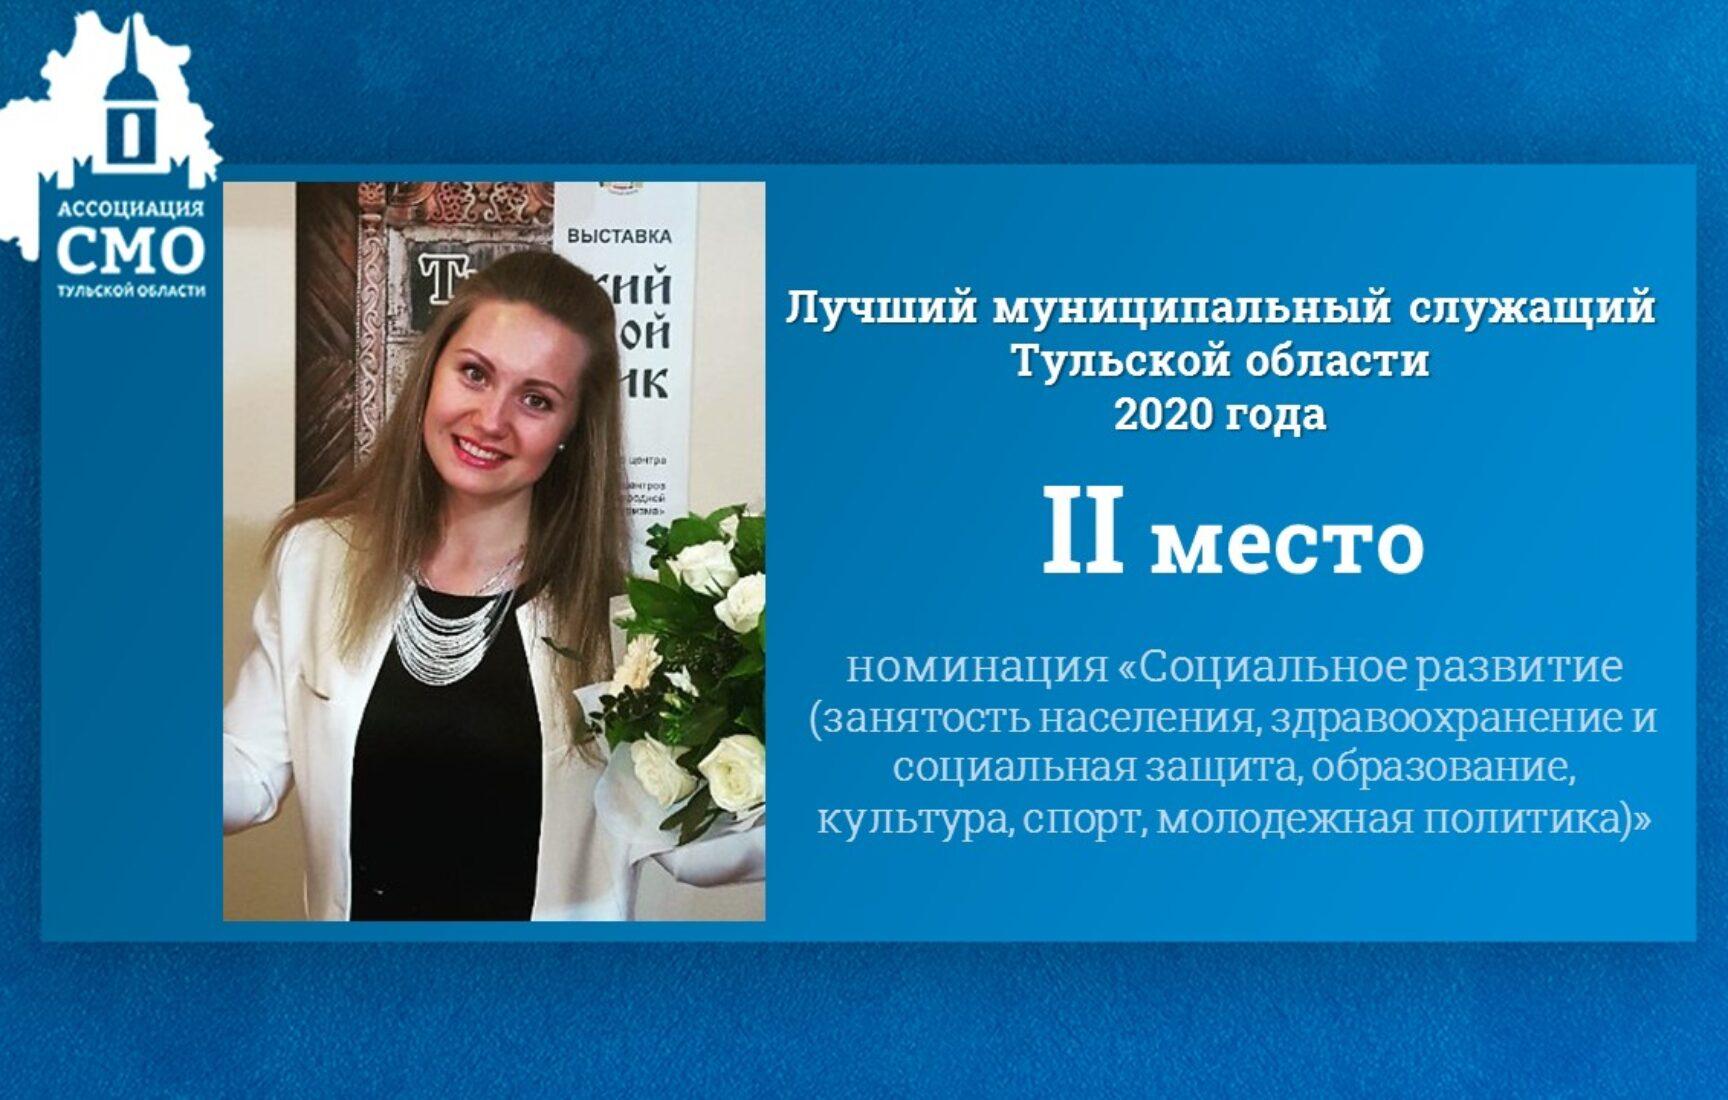 Лучший муниципальный служащий Тульской области. 2 место в номинации «Социальное развитие»